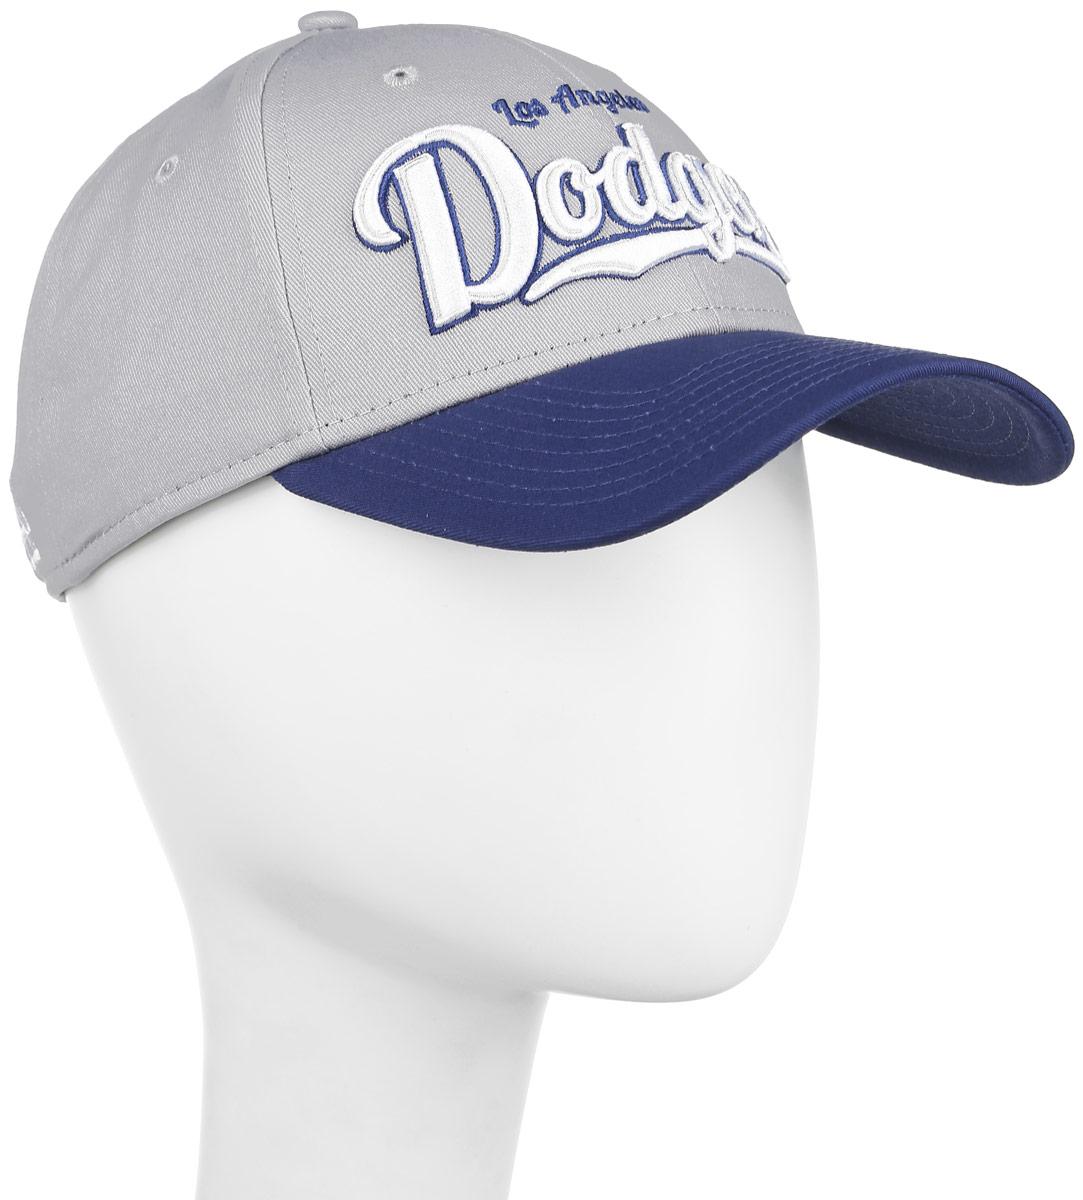 Бейсболка Los Angeles Dodgers. 10916736-TEAM10916736-TEAMСтильная бейсболка New Era Los Angeles Dodgers выполненная из высококачественных материалов, идеально подойдет для прогулок, занятий спортом и отдыха. Изделие оформлено вышитым объемным логотипом знаменитой бейсбольной команды Los Angeles Dodgers и логотипом бренда New Era. Классическая кепка, объем которой регулируется пластиковым фиксатором, станет правильным выбором. Ничто не говорит о настоящем любителе путешествий больше, чем любимая кепка. Эта модель станет отличным аксессуаром и дополнит ваш повседневный образ.